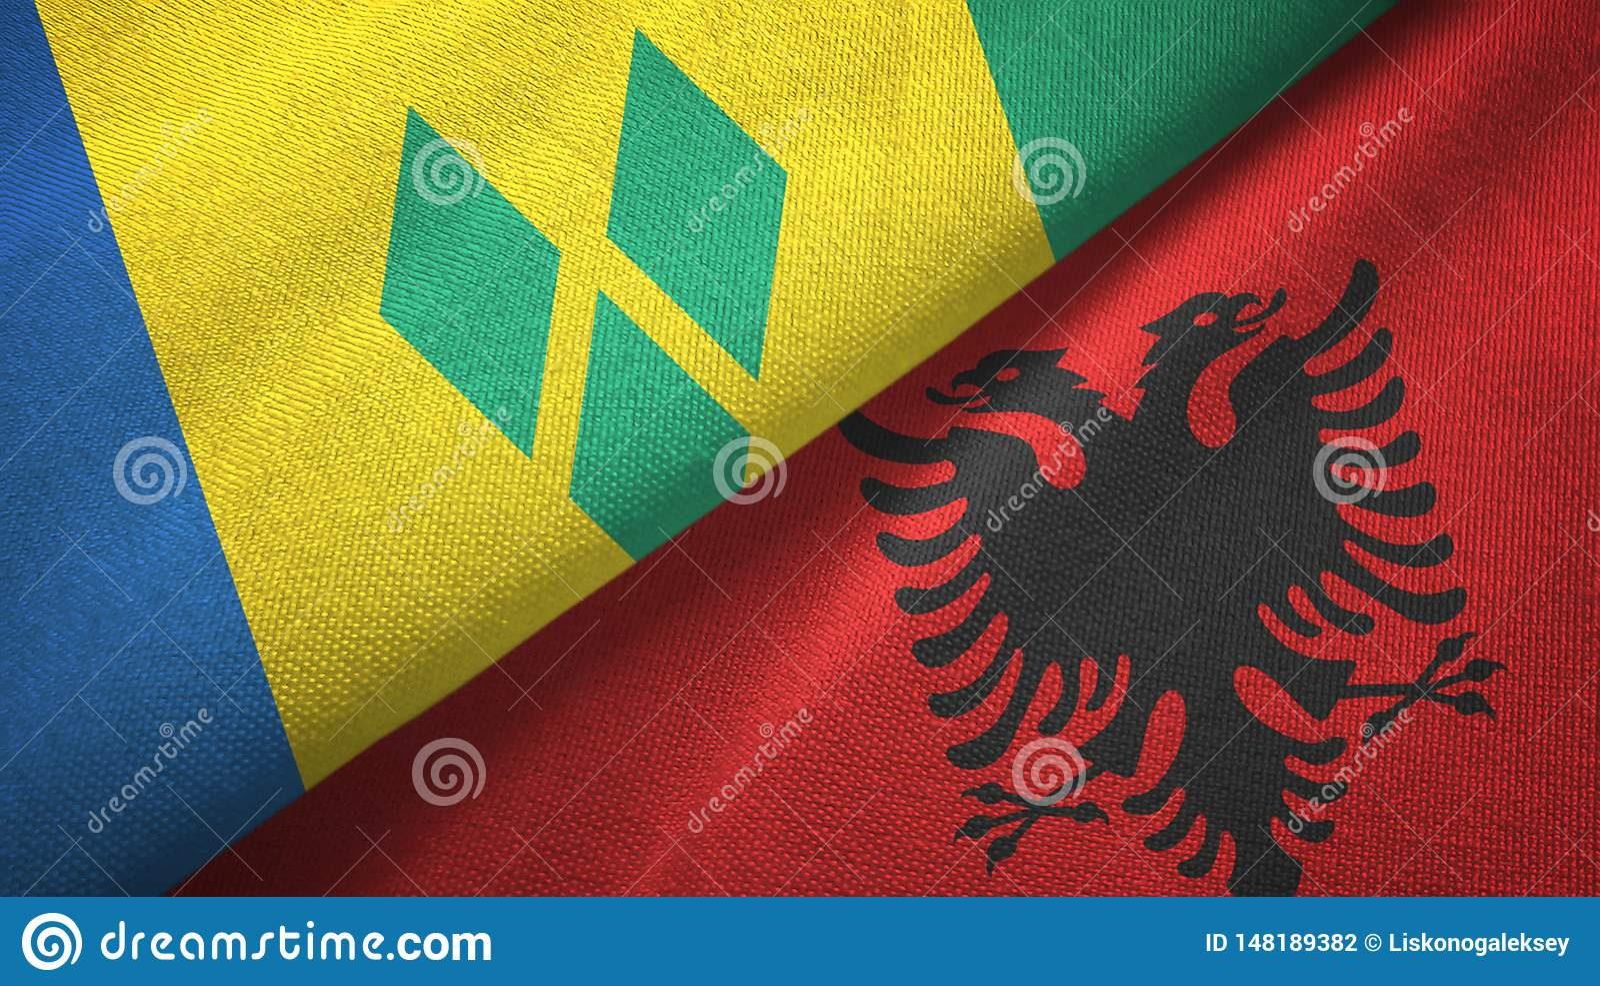 Άγιος Βικέντιος και Γρεναδίνες και Αλβανία δύο σημαίες